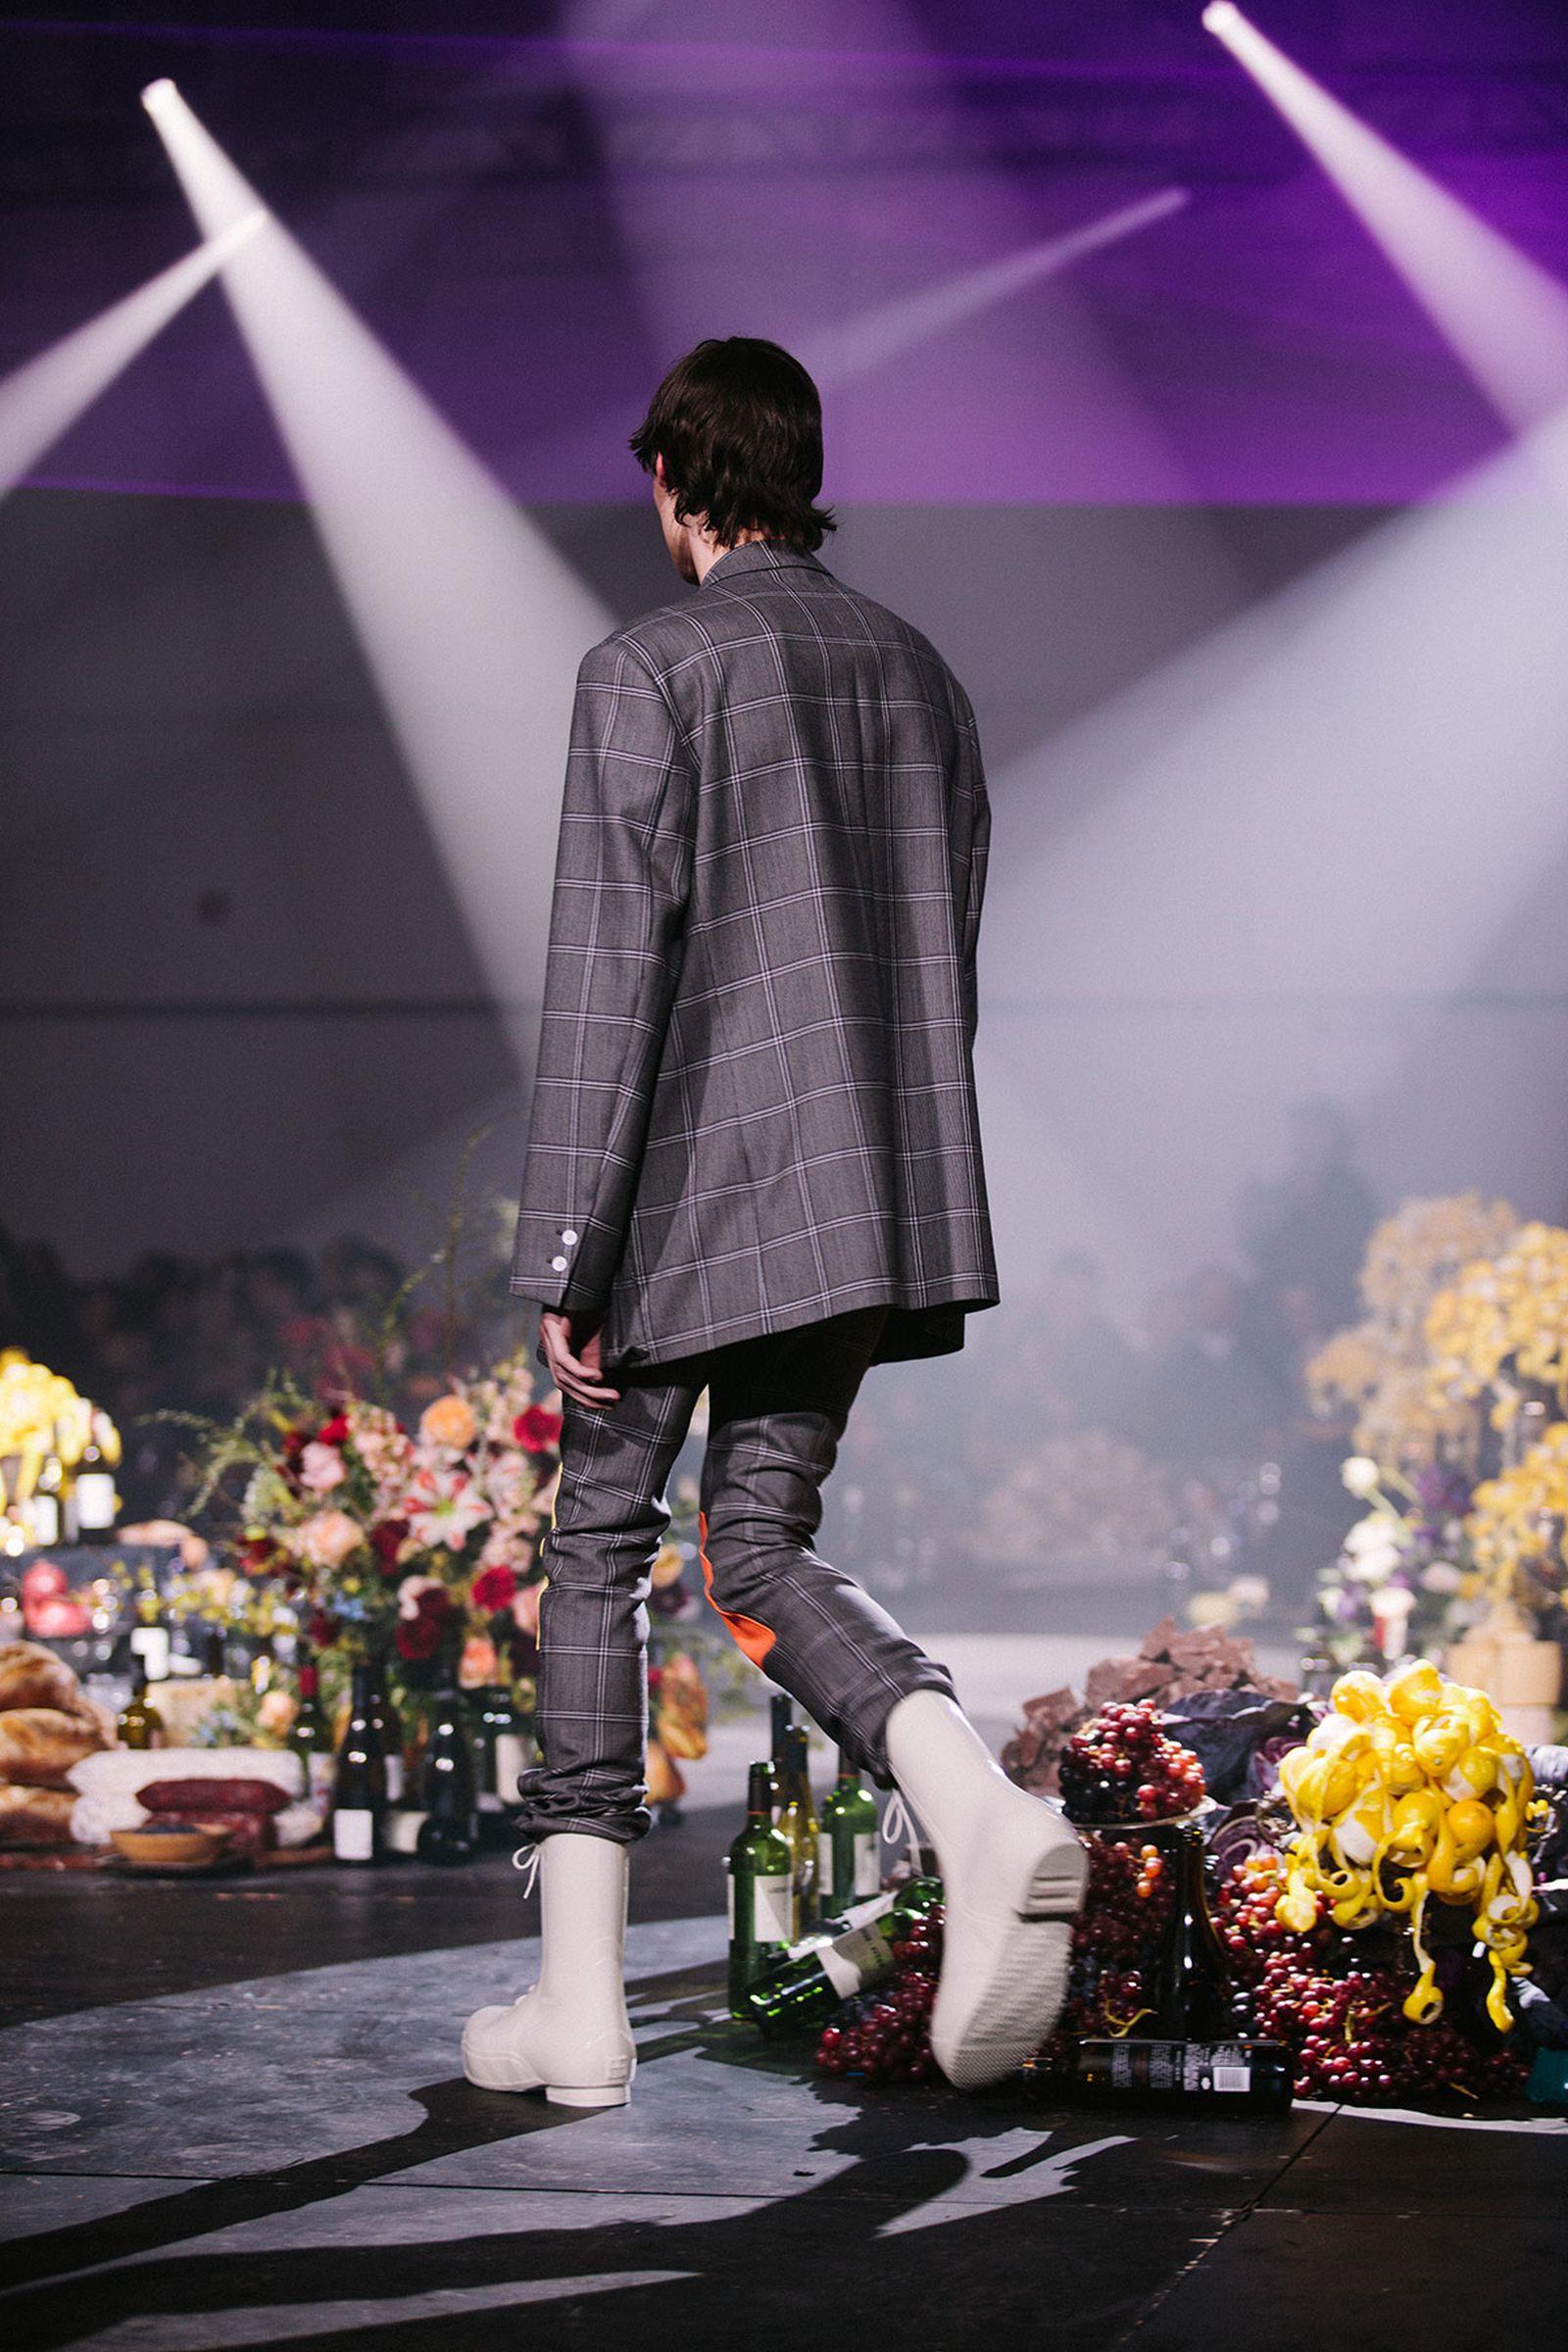 Raf Simons Fall Winter 2018 Highsnobiety menswear new york fashion week runway